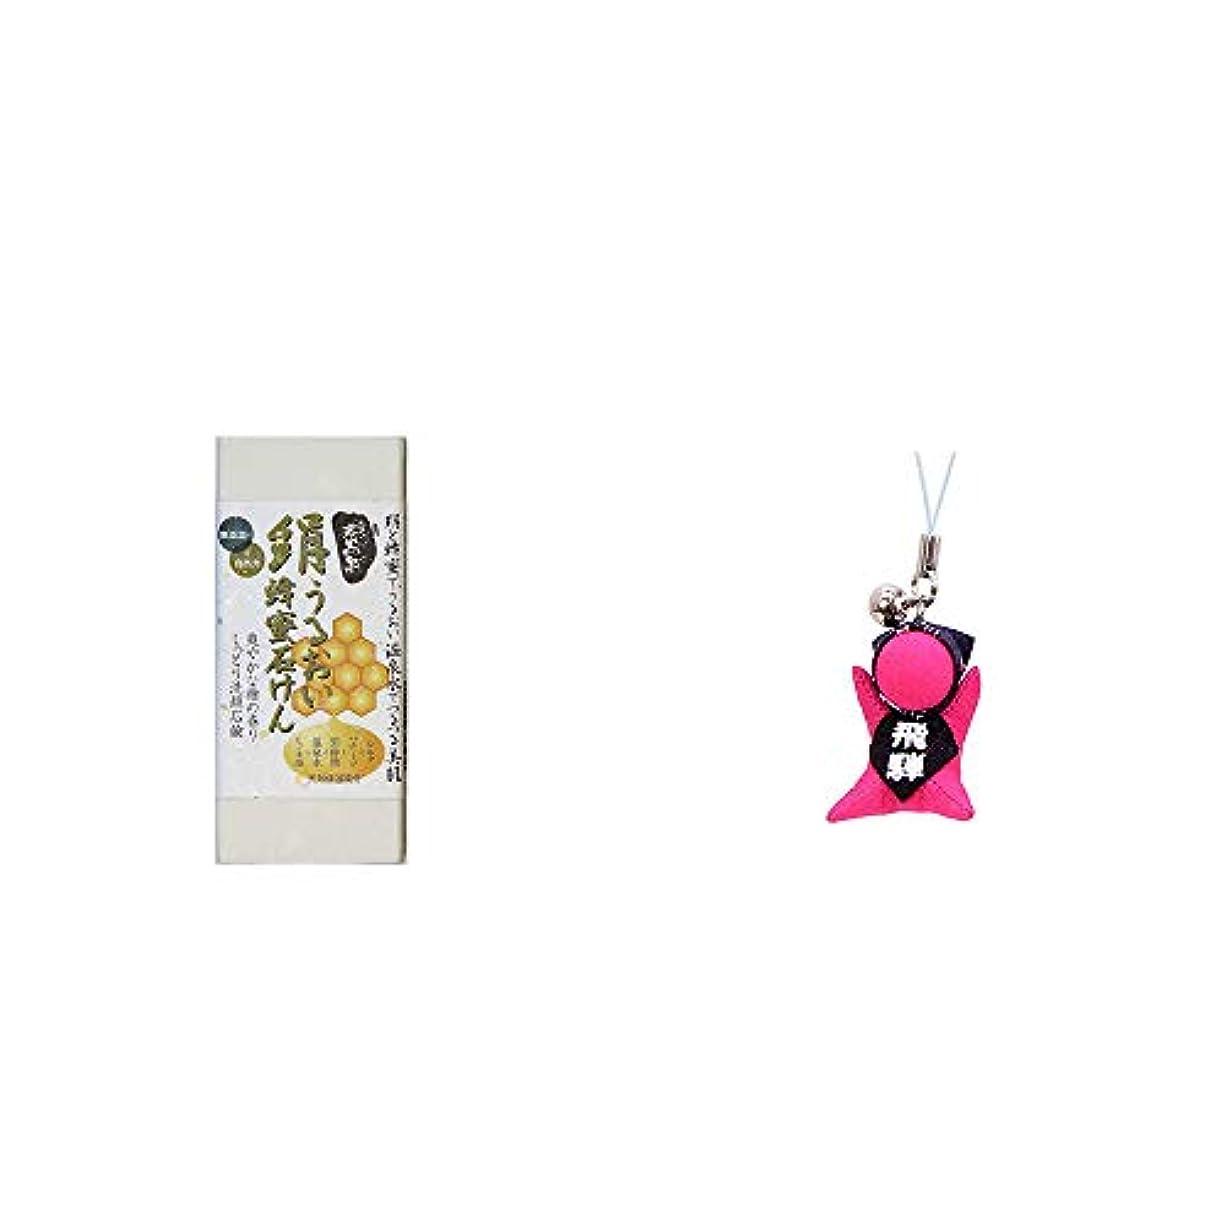 しなやかな主人ワーカー[2点セット] ひのき炭黒泉 絹うるおい蜂蜜石けん(75g×2)?さるぼぼ幸福ストラップ 【ピンク】 / 風水カラー全9種類 縁結び?恋愛(出会い) お守り//